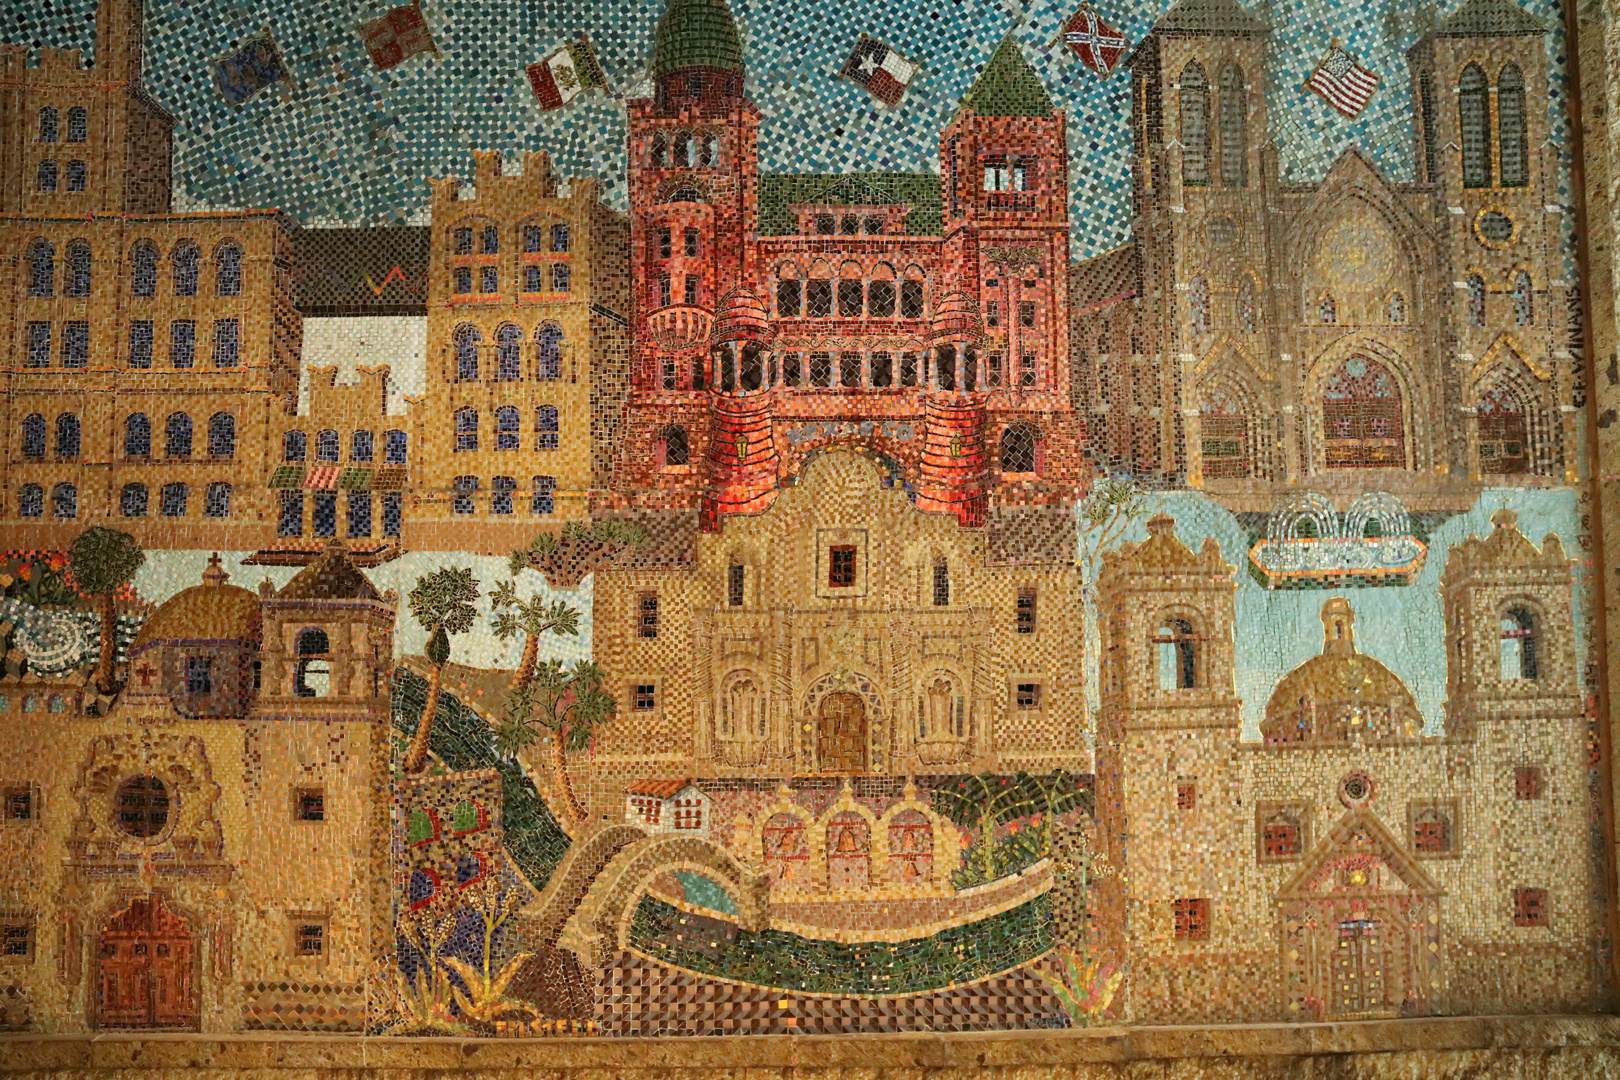 Mosaic at River Walk